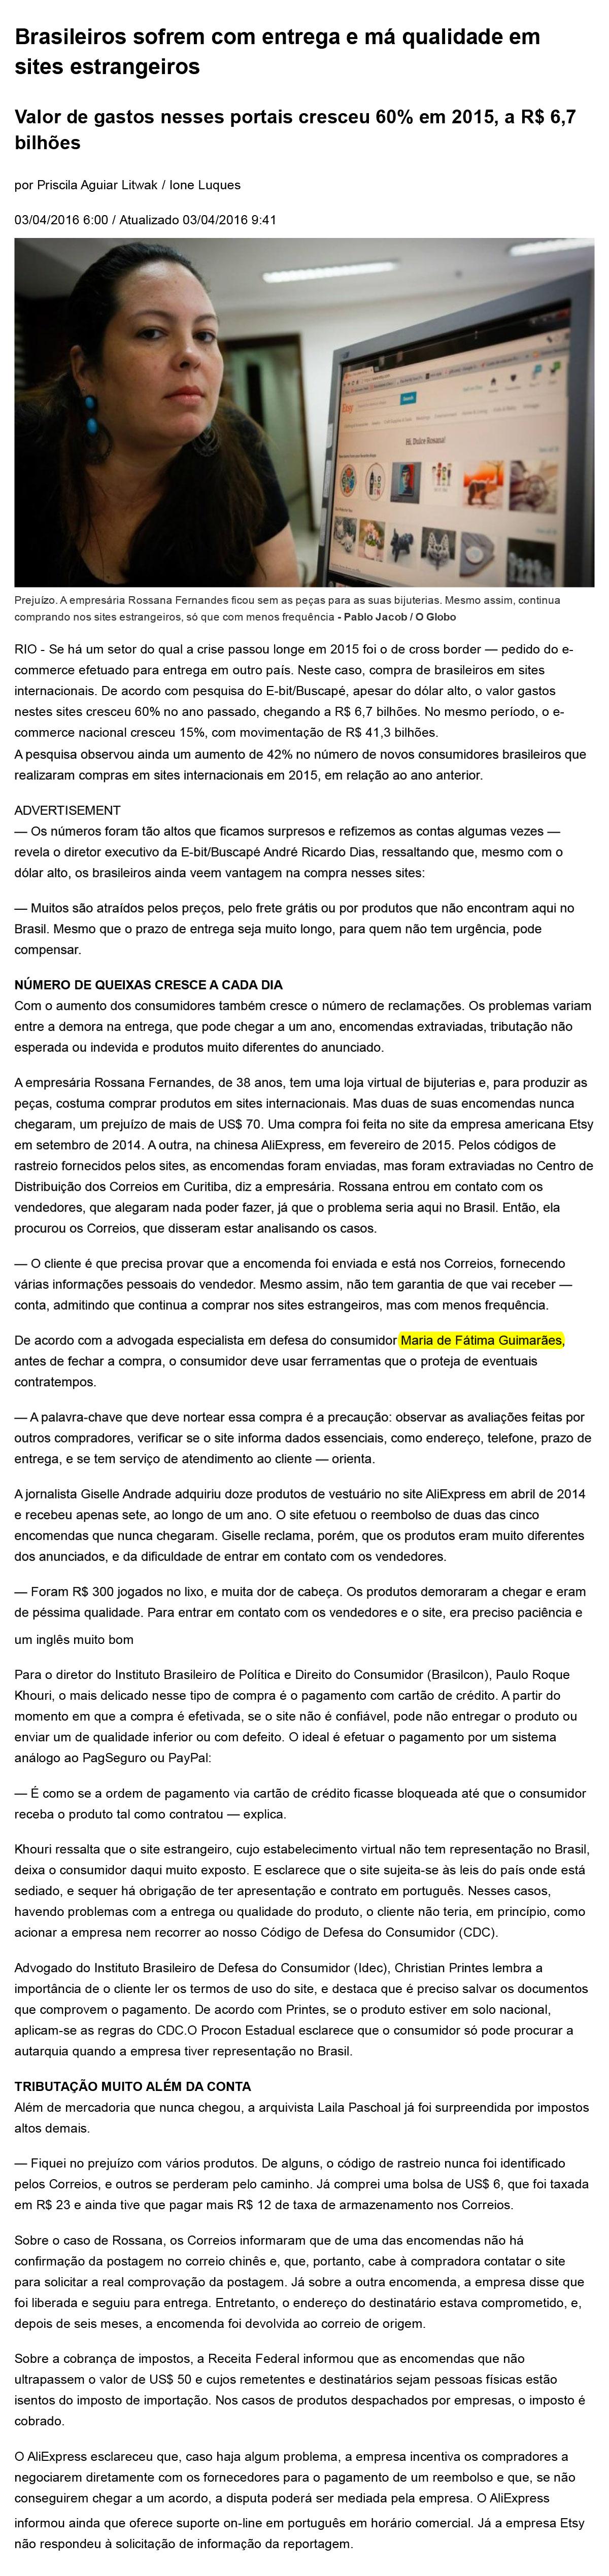 Brasileiros-sofrem-com-entrega-e-ma-qualidade-em-sites-estrangeiros-Jornal-O-Globo